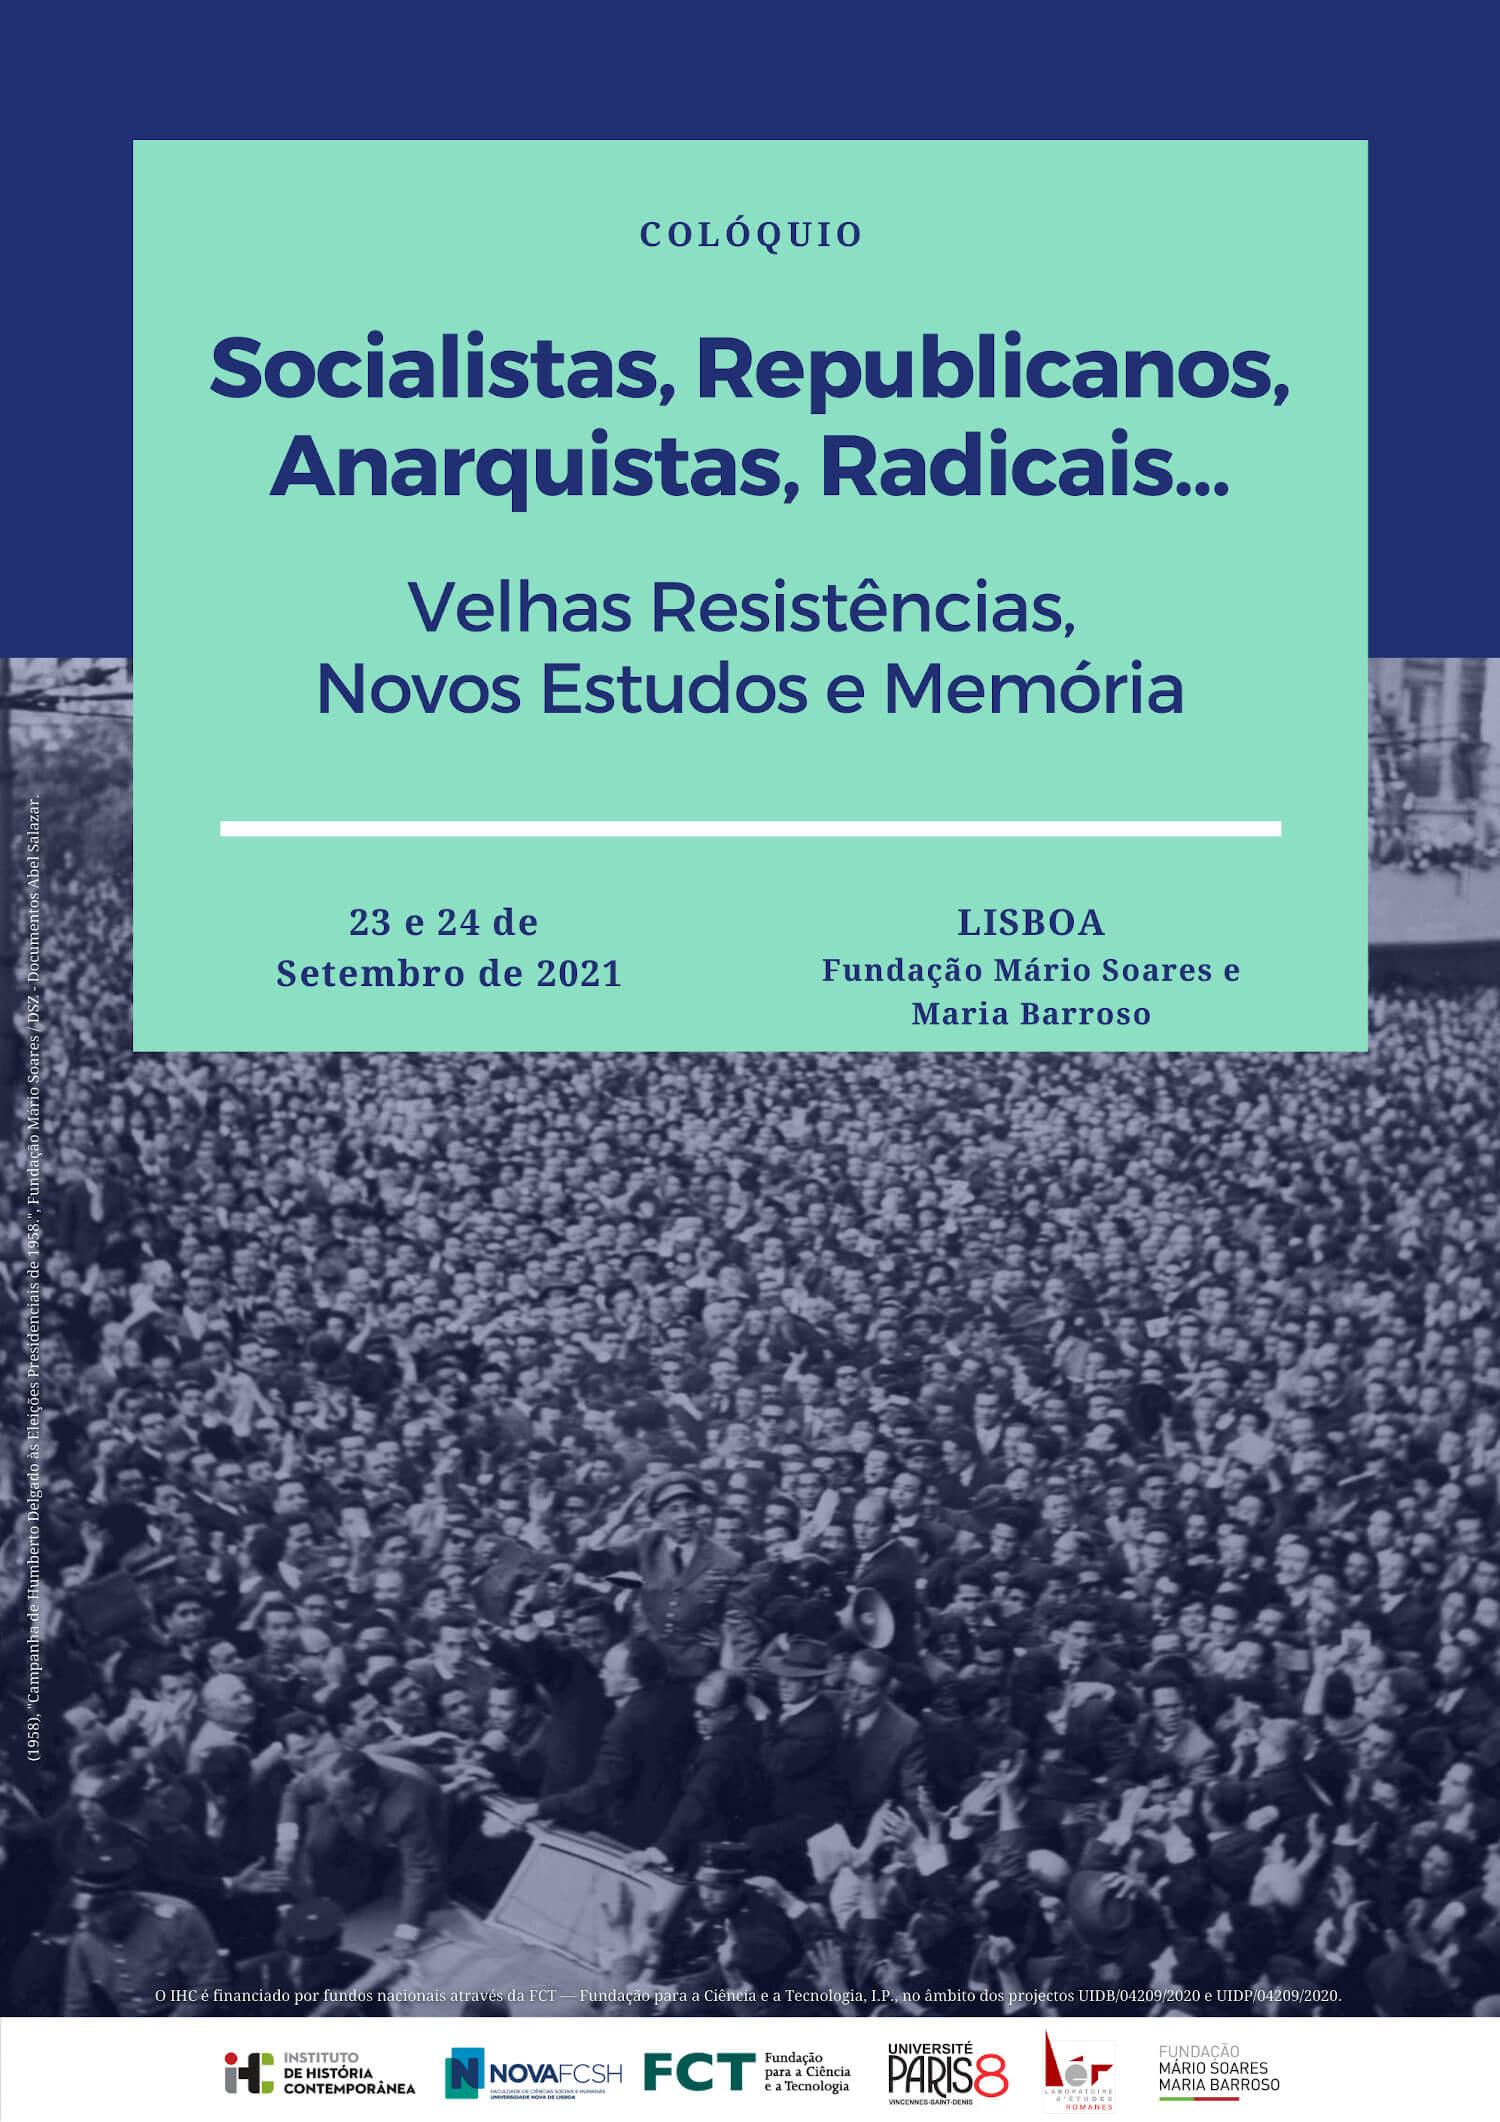 """Poster for the coloquium """"Socialistas, Republicanos, Anarquistas, Radicais..."""""""